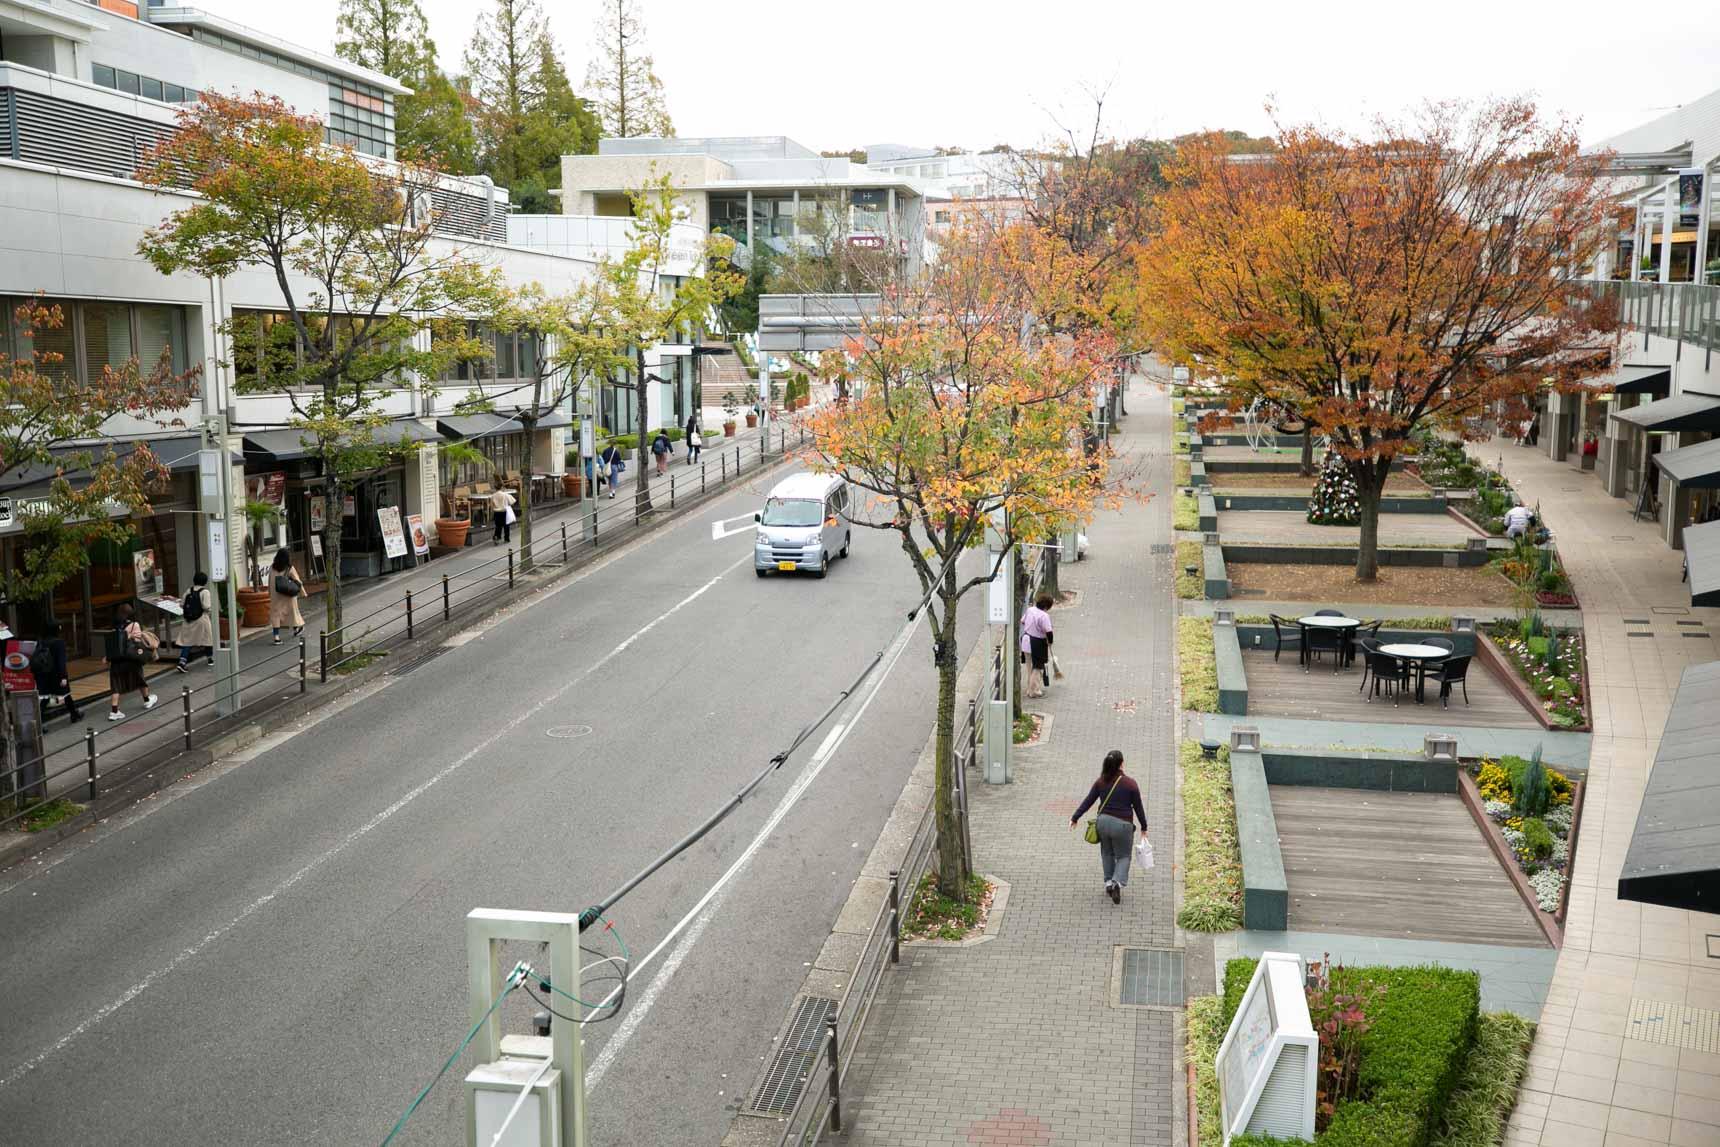 駅から、星ヶ丘テラスの間の並木道を抜けて住宅街へと進みます。